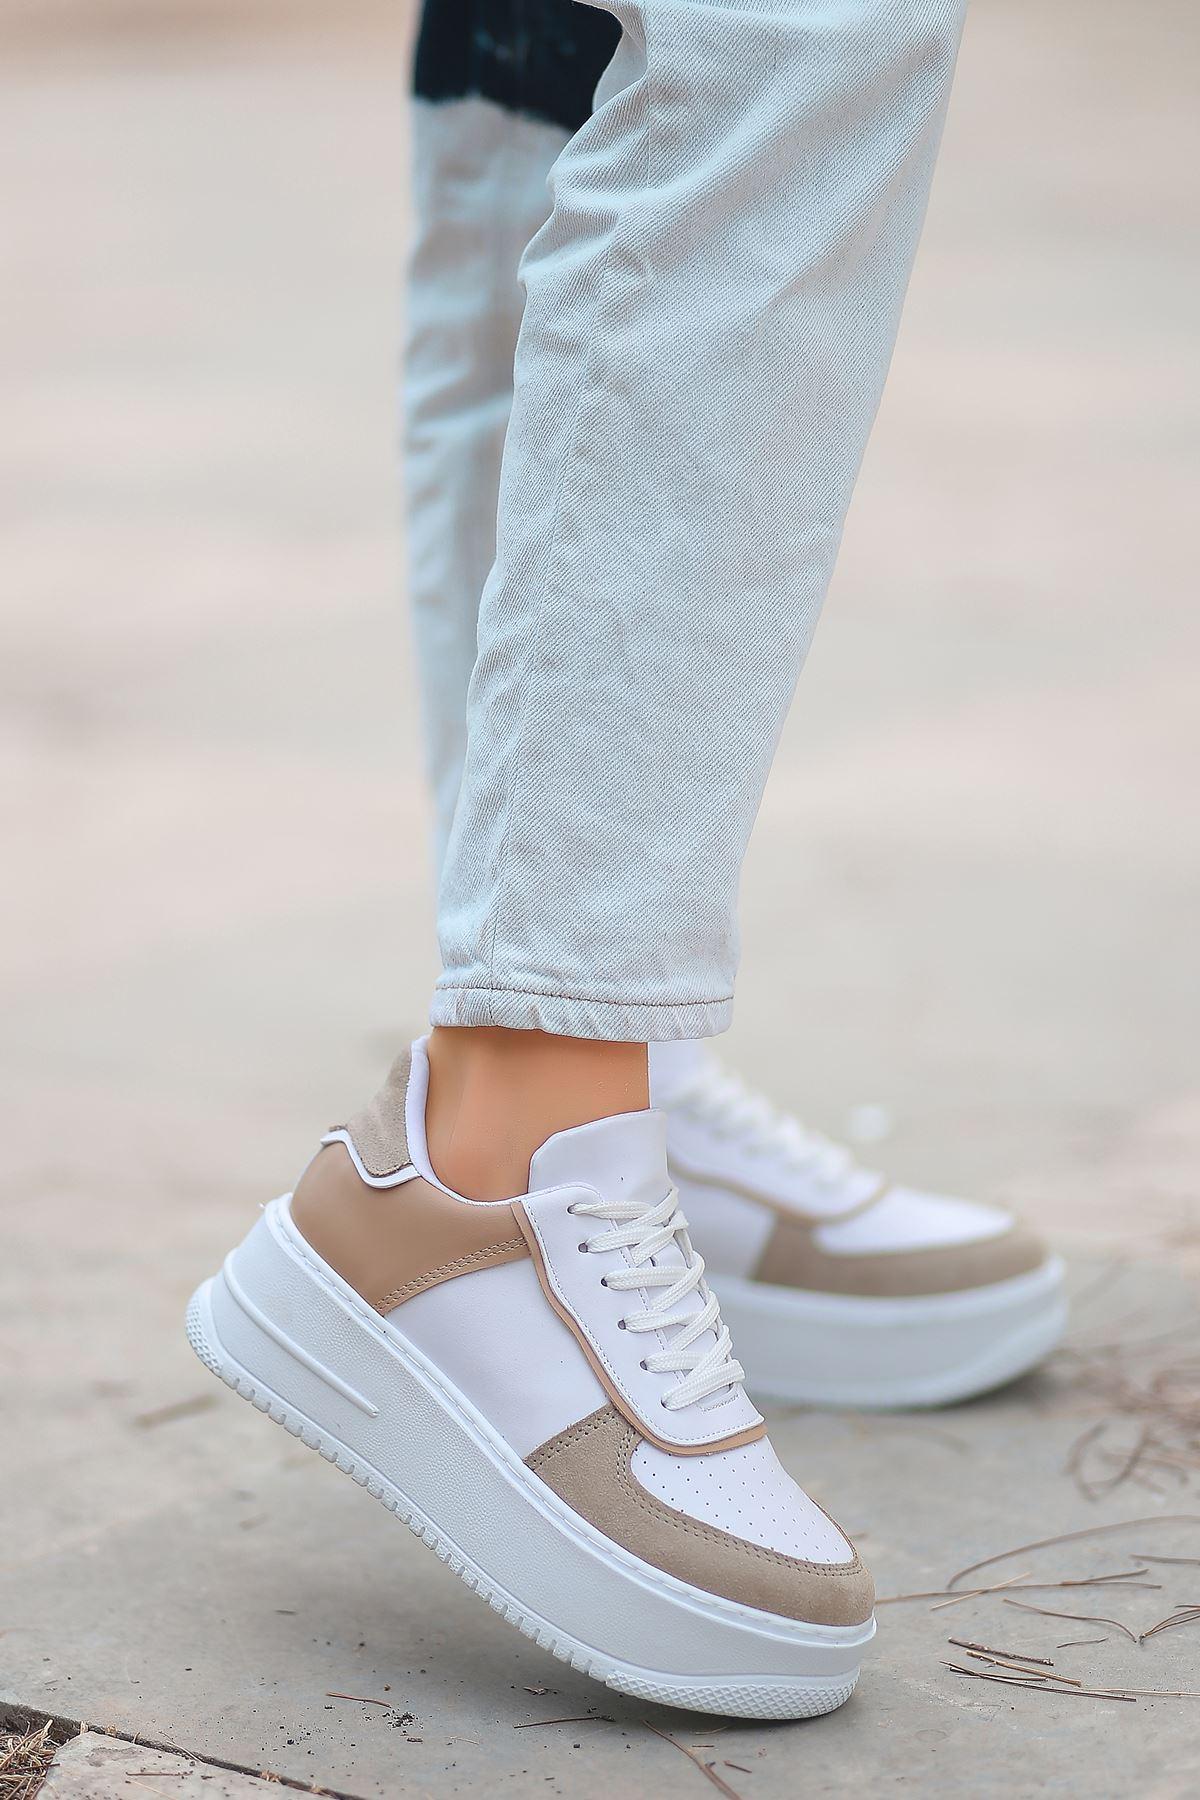 Rms Mat Deri Bağıcıklı Kadın Spor Ayakkabı Vizon